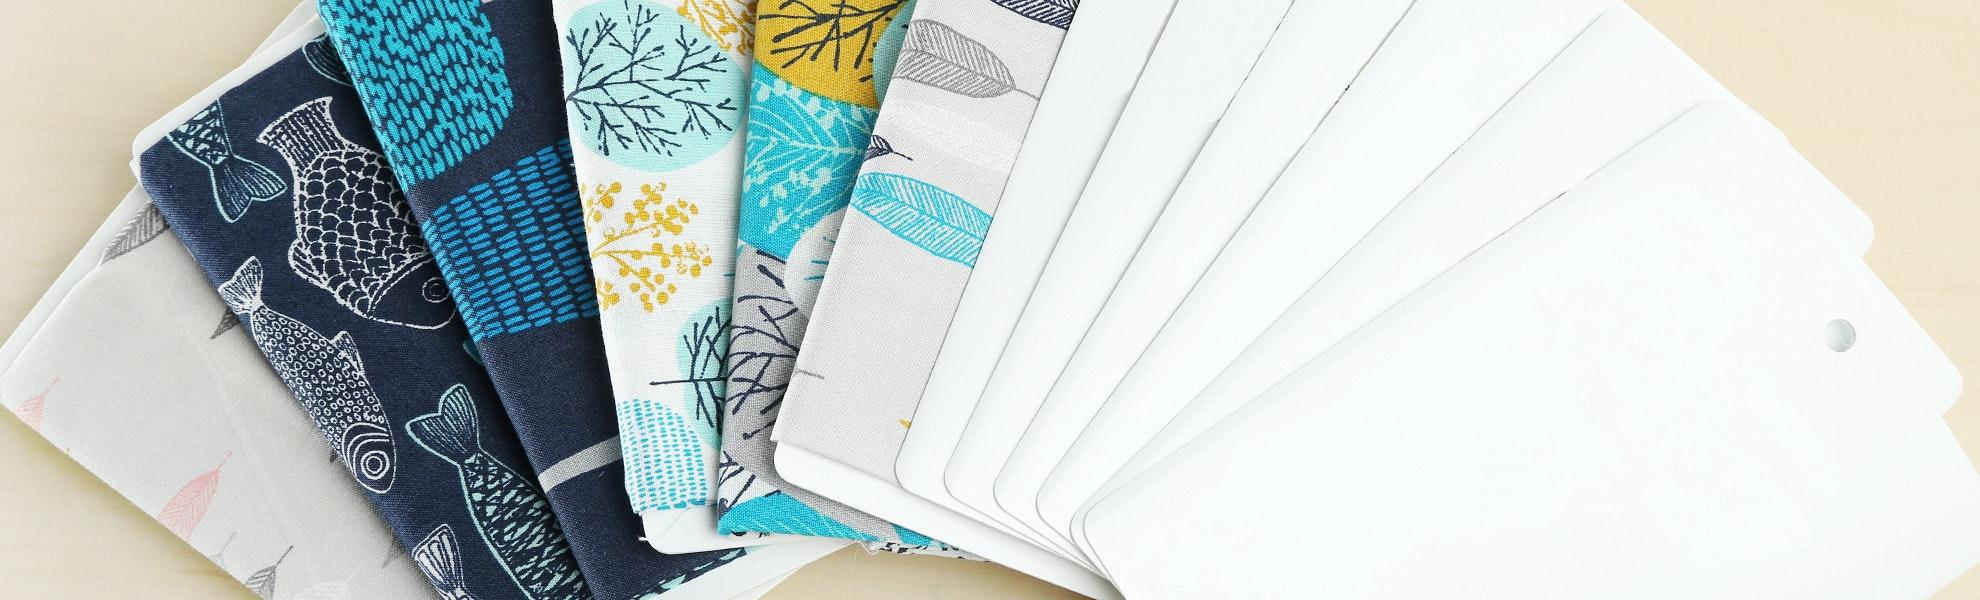 Mini Bolts Fabric Organizers